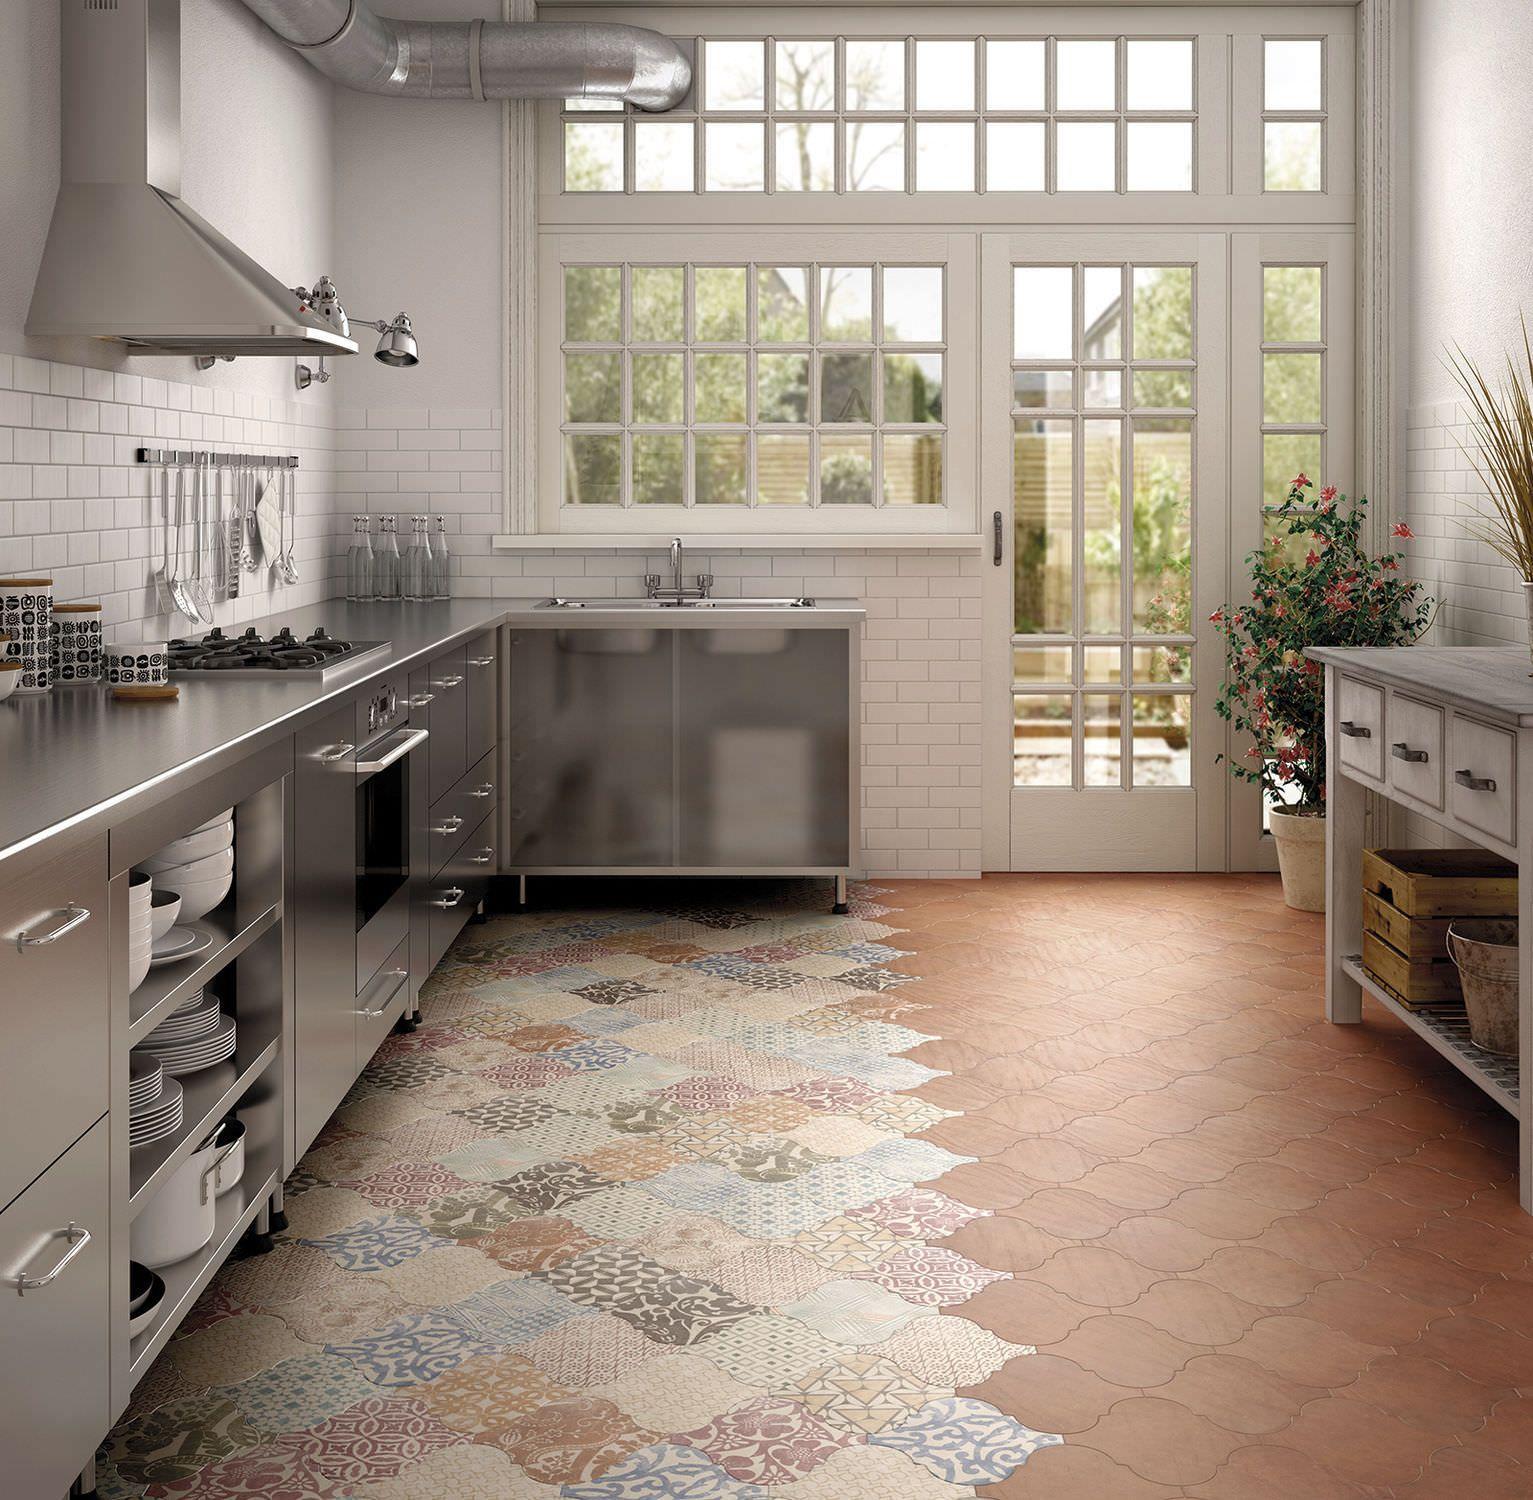 cucina cemento pavimento cotto - Cerca con Google | Casa nuova...un ...